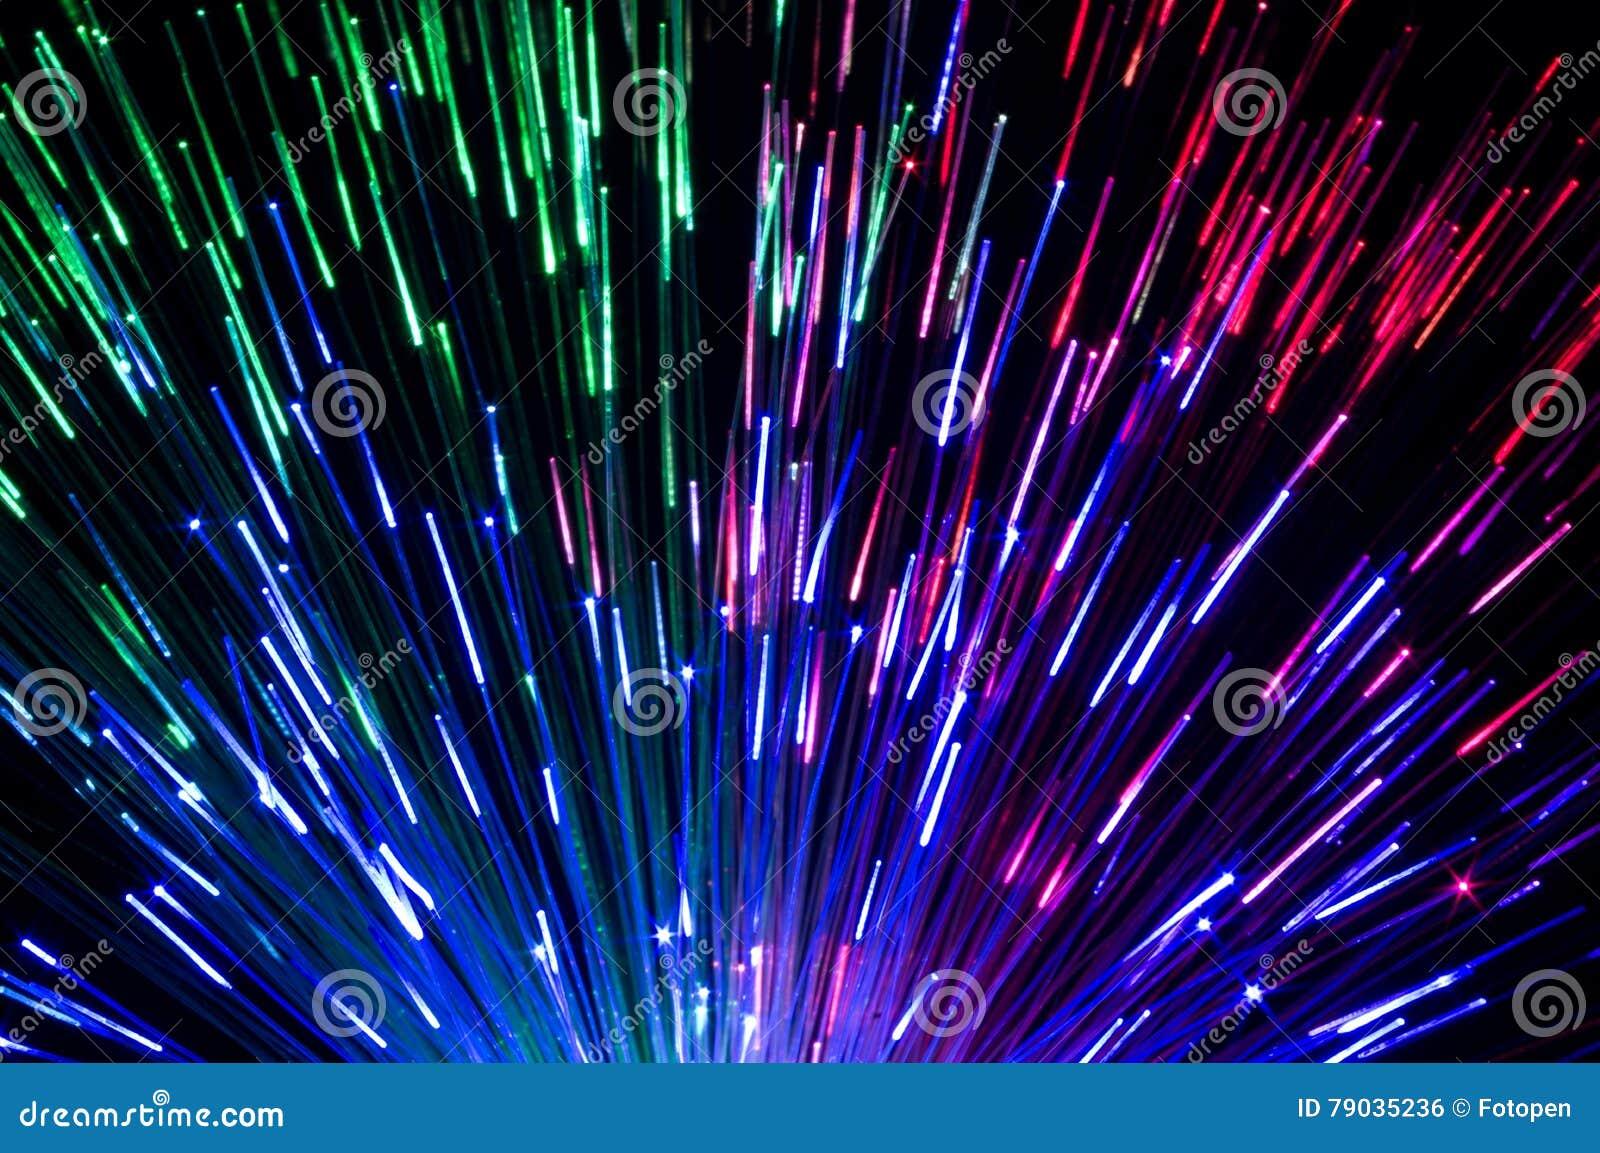 Olika kulöra laserstrålar skapar härliga ljusa effekter